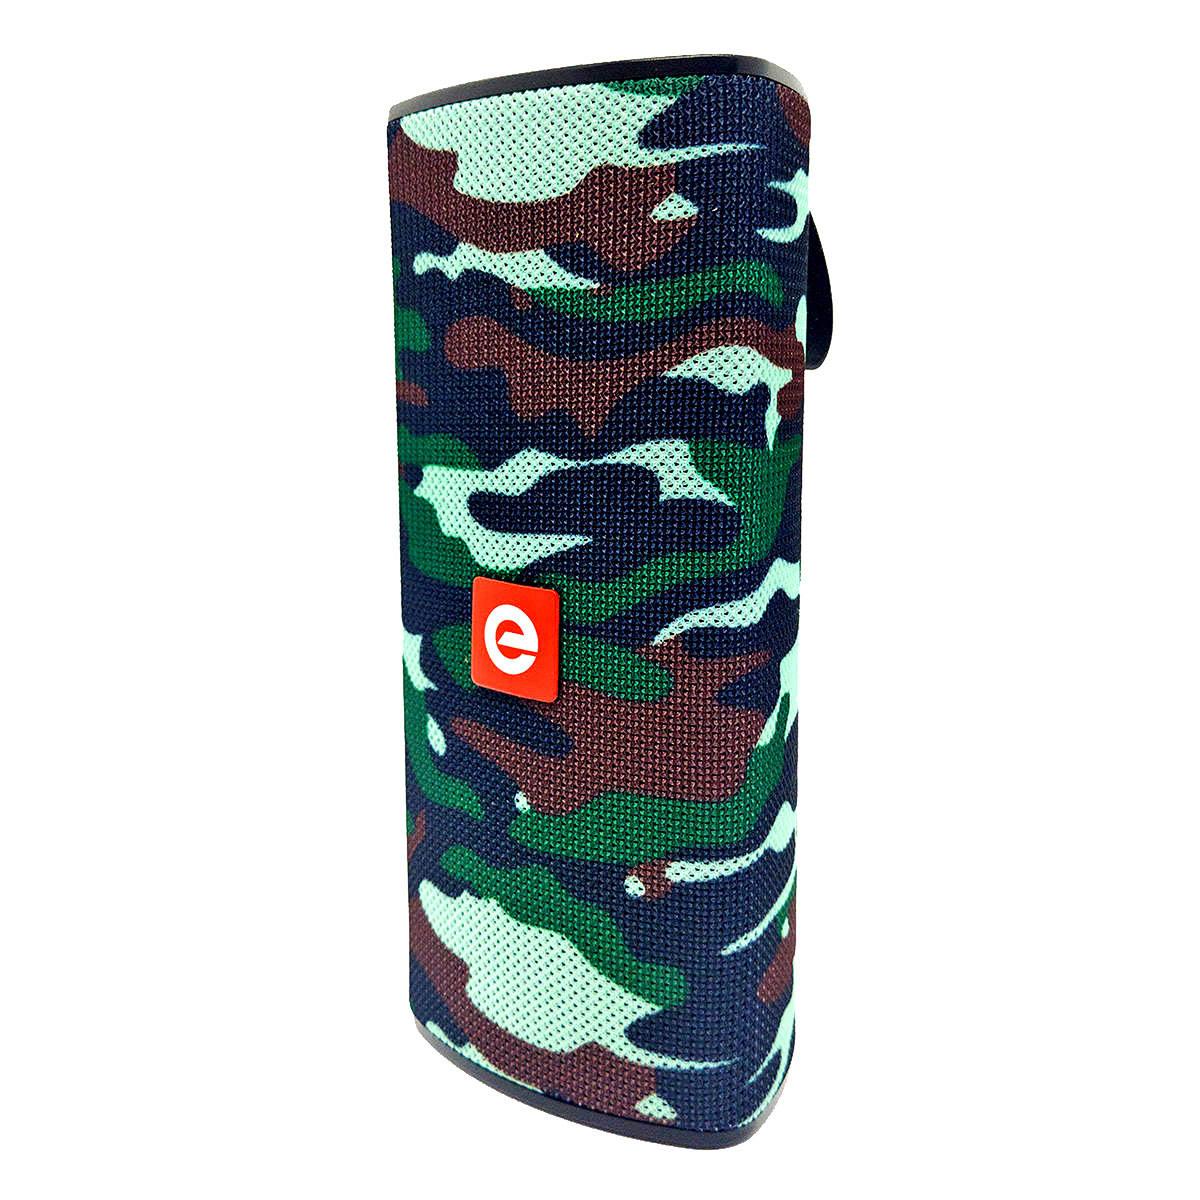 Caixa de Som Bluetooth Portátil 10W Entrada USB Micro SD Auxiliar P2 Mic Hands Free Exbom CS-M33BT Camuflada